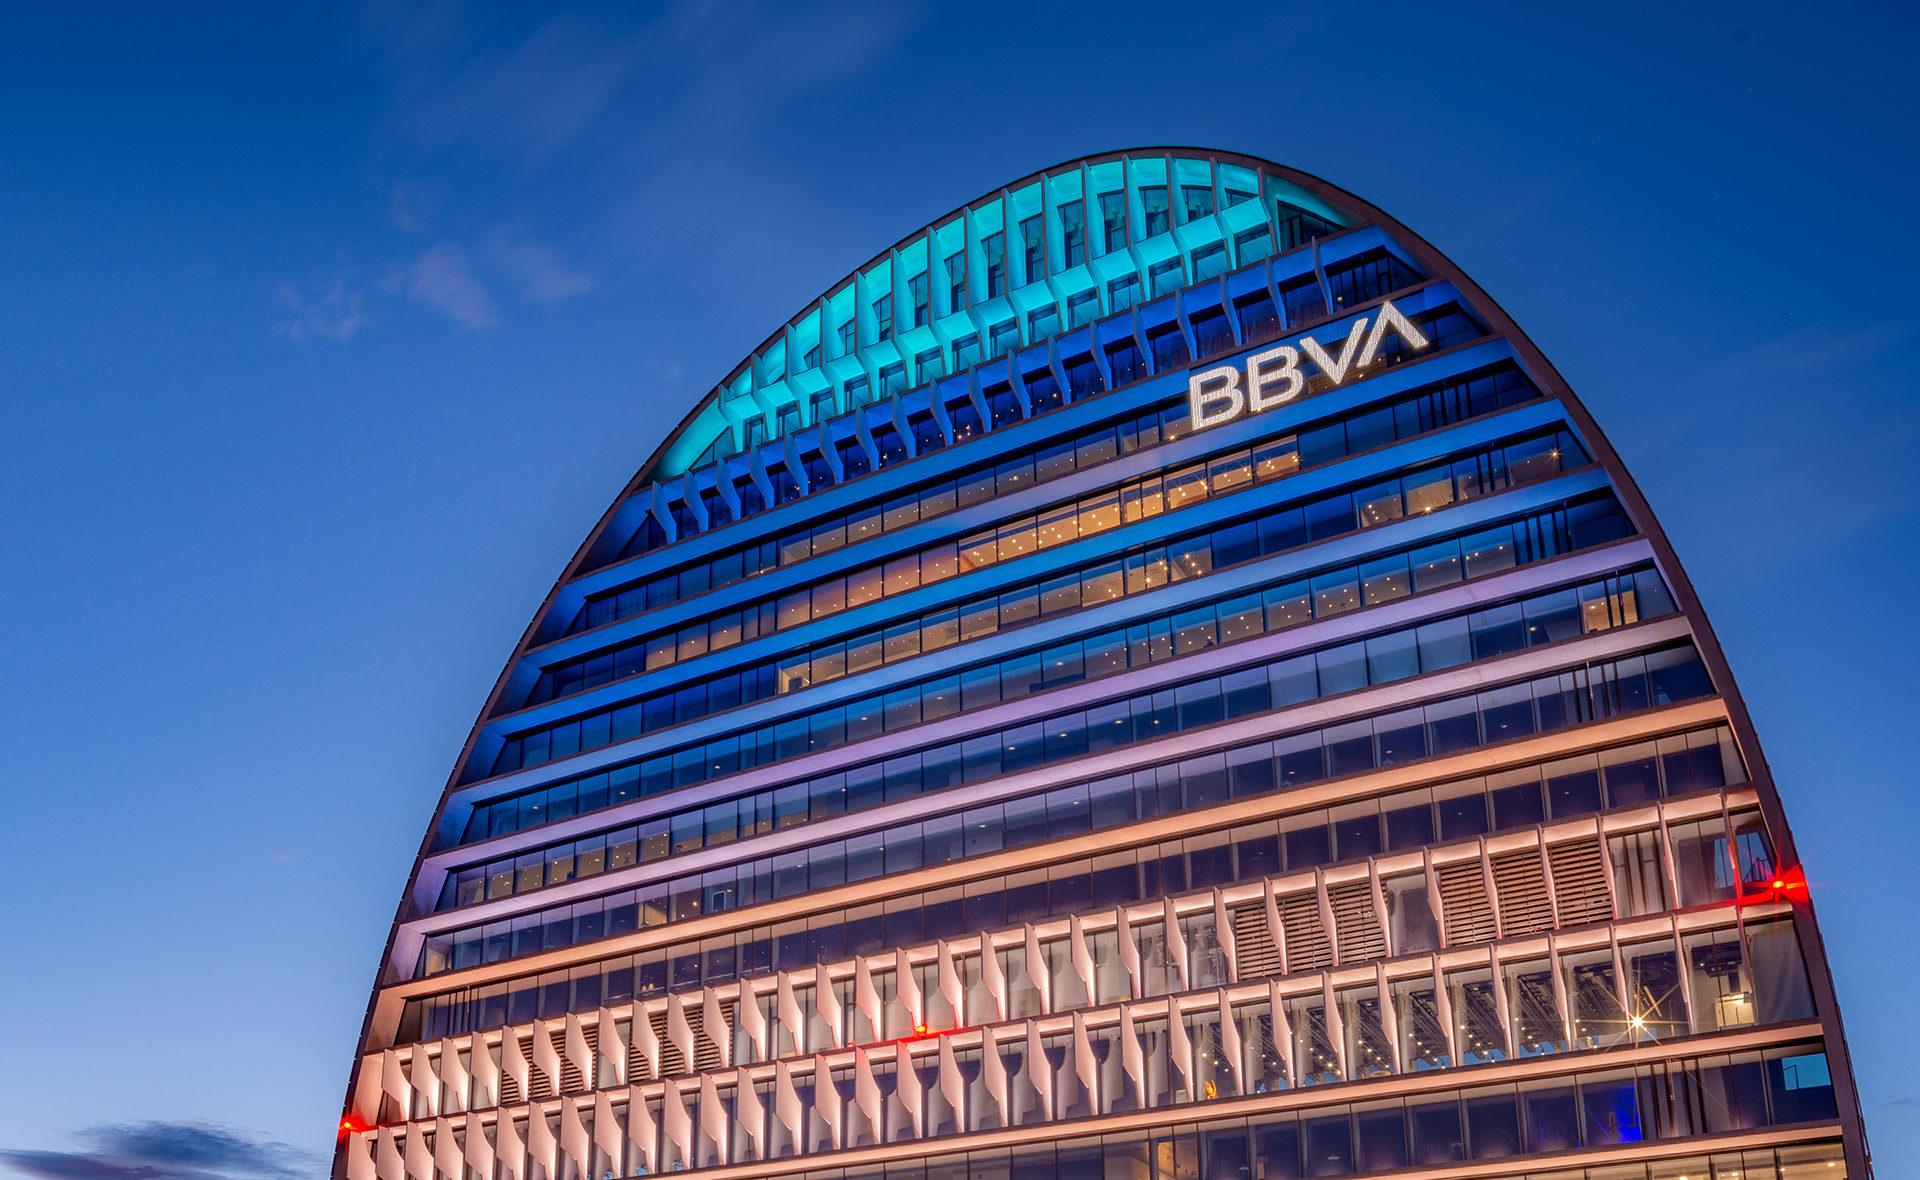 https://shareholdersandinvestors.bbva.com/wp-content/uploads/2020/07/BBVA-resultados-2T2020-v3-30072020-1920x1180.jpg